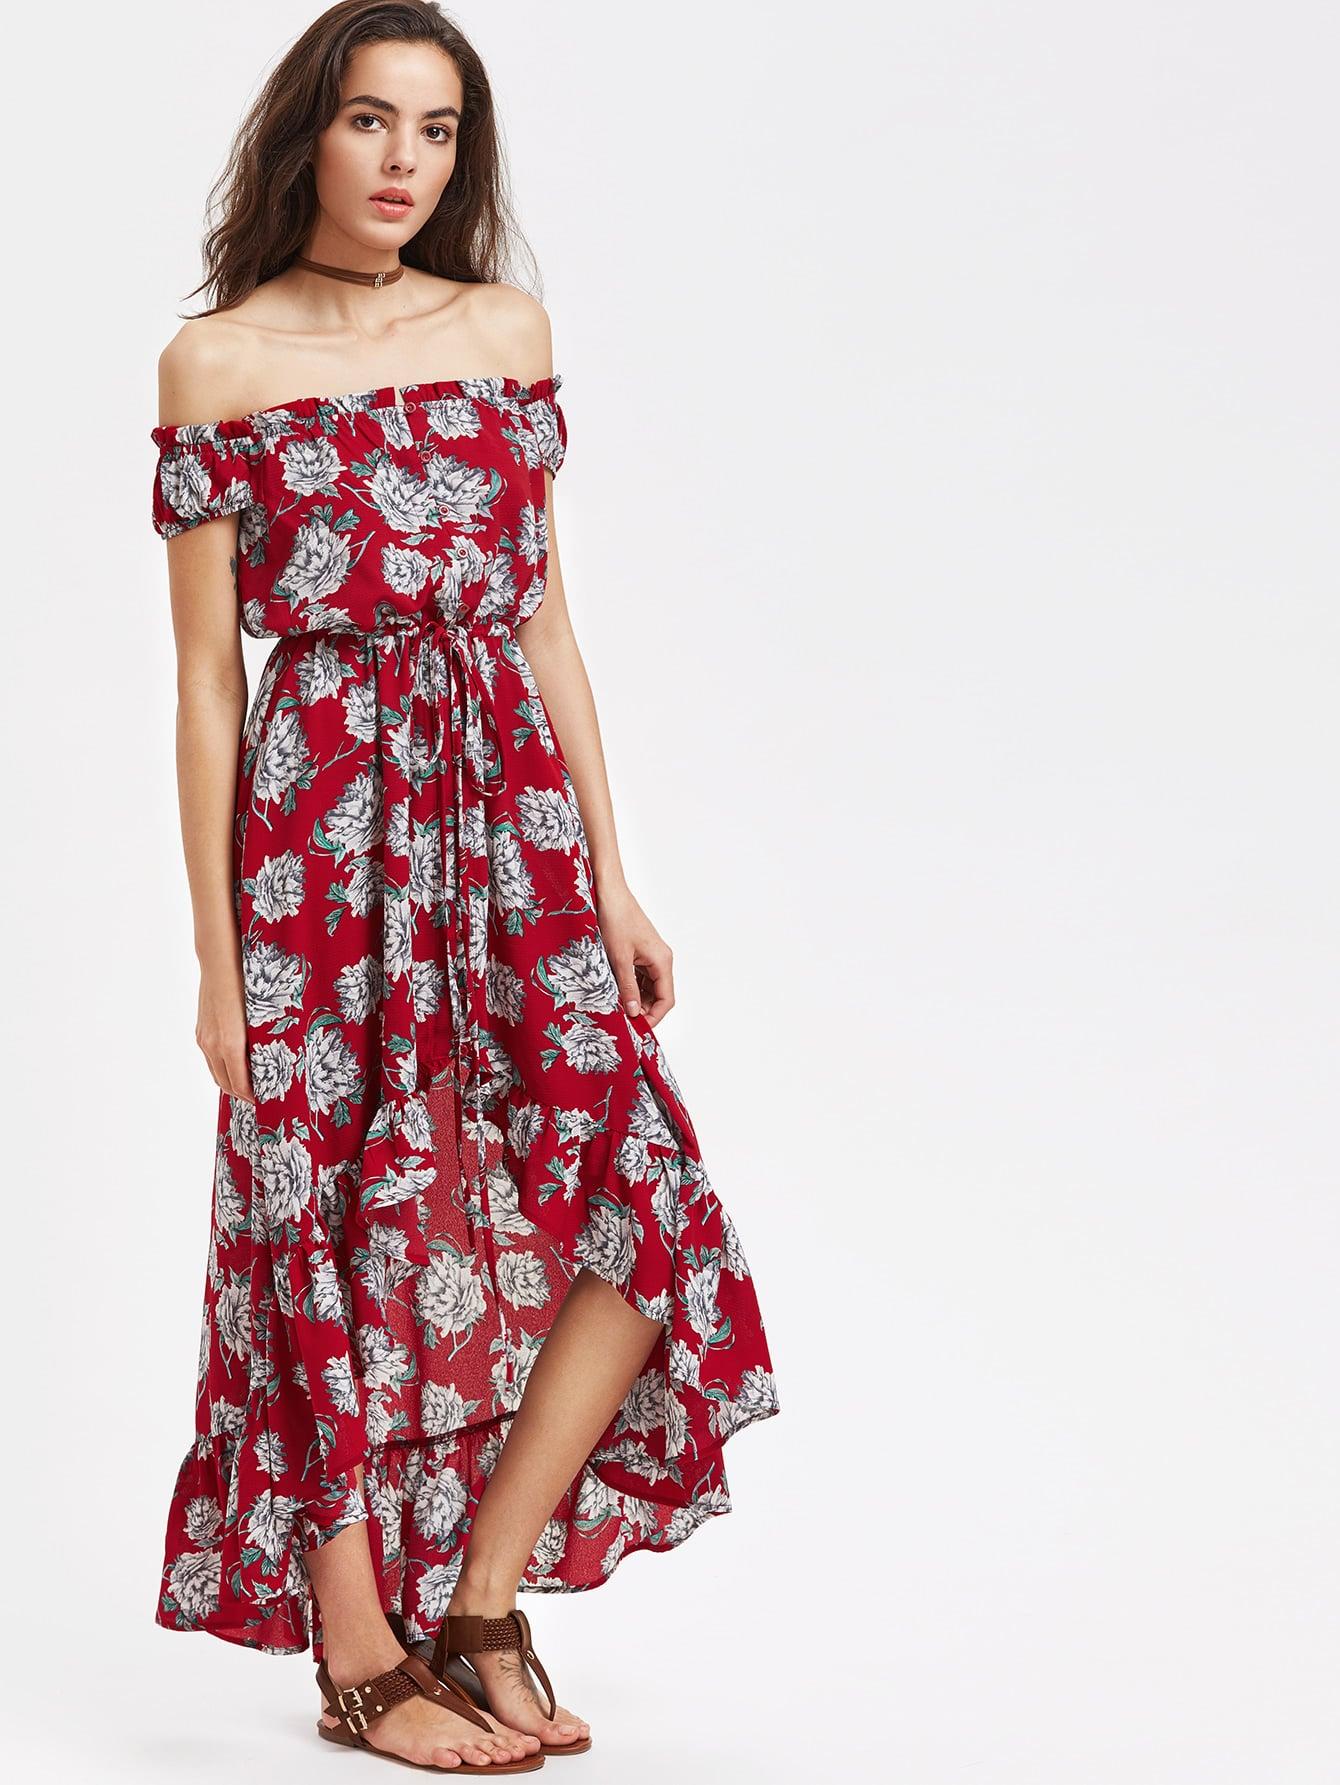 dress170328710_2